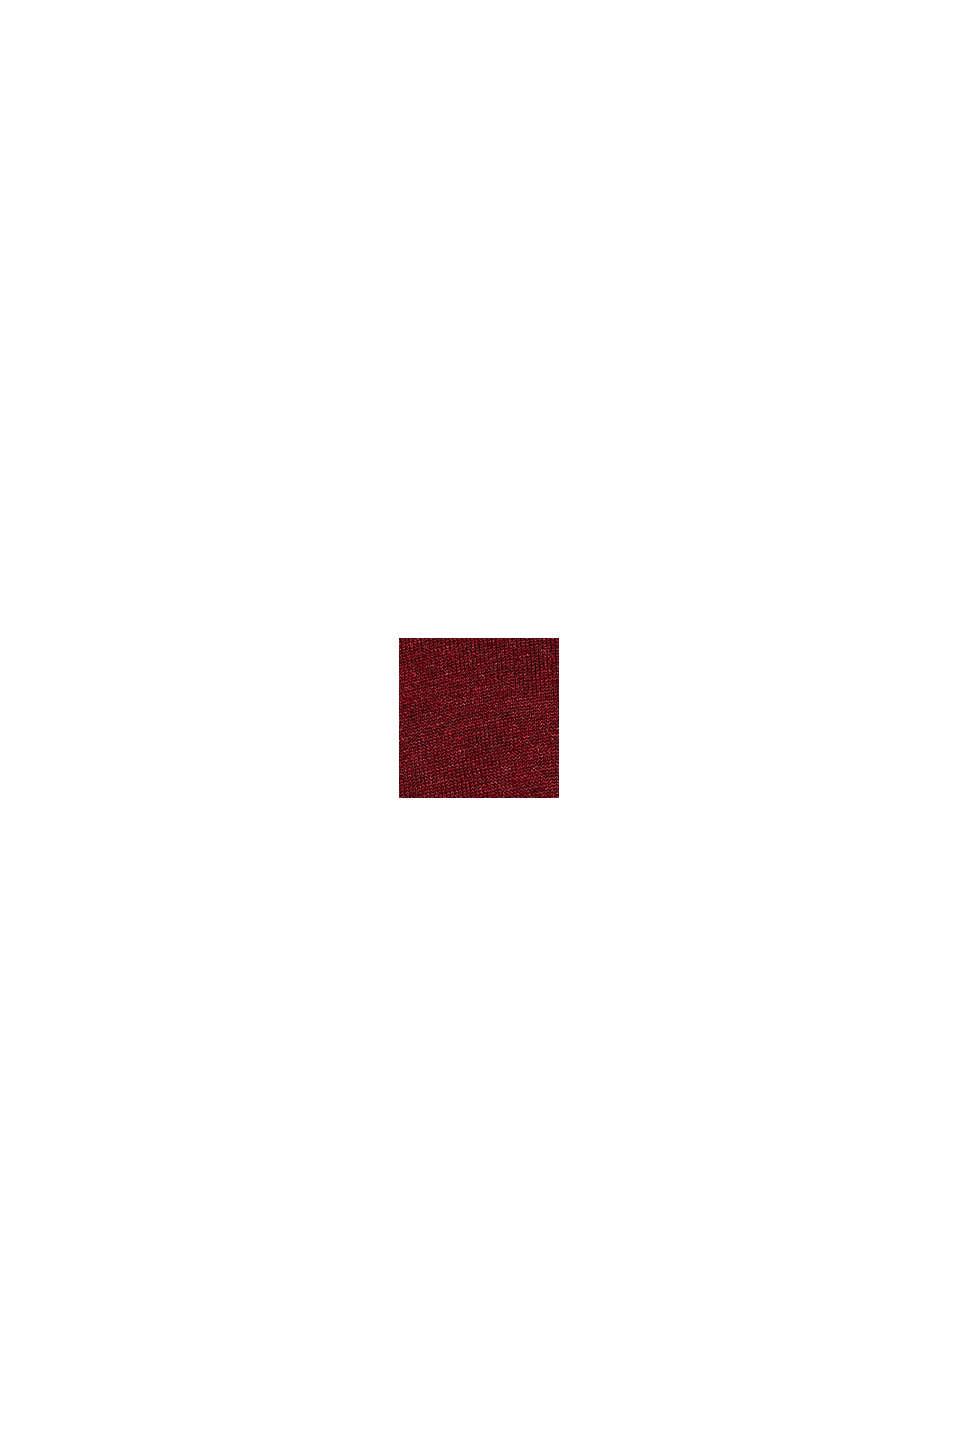 Jersey con cuello redondo, 100% algodón, DARK RED, swatch